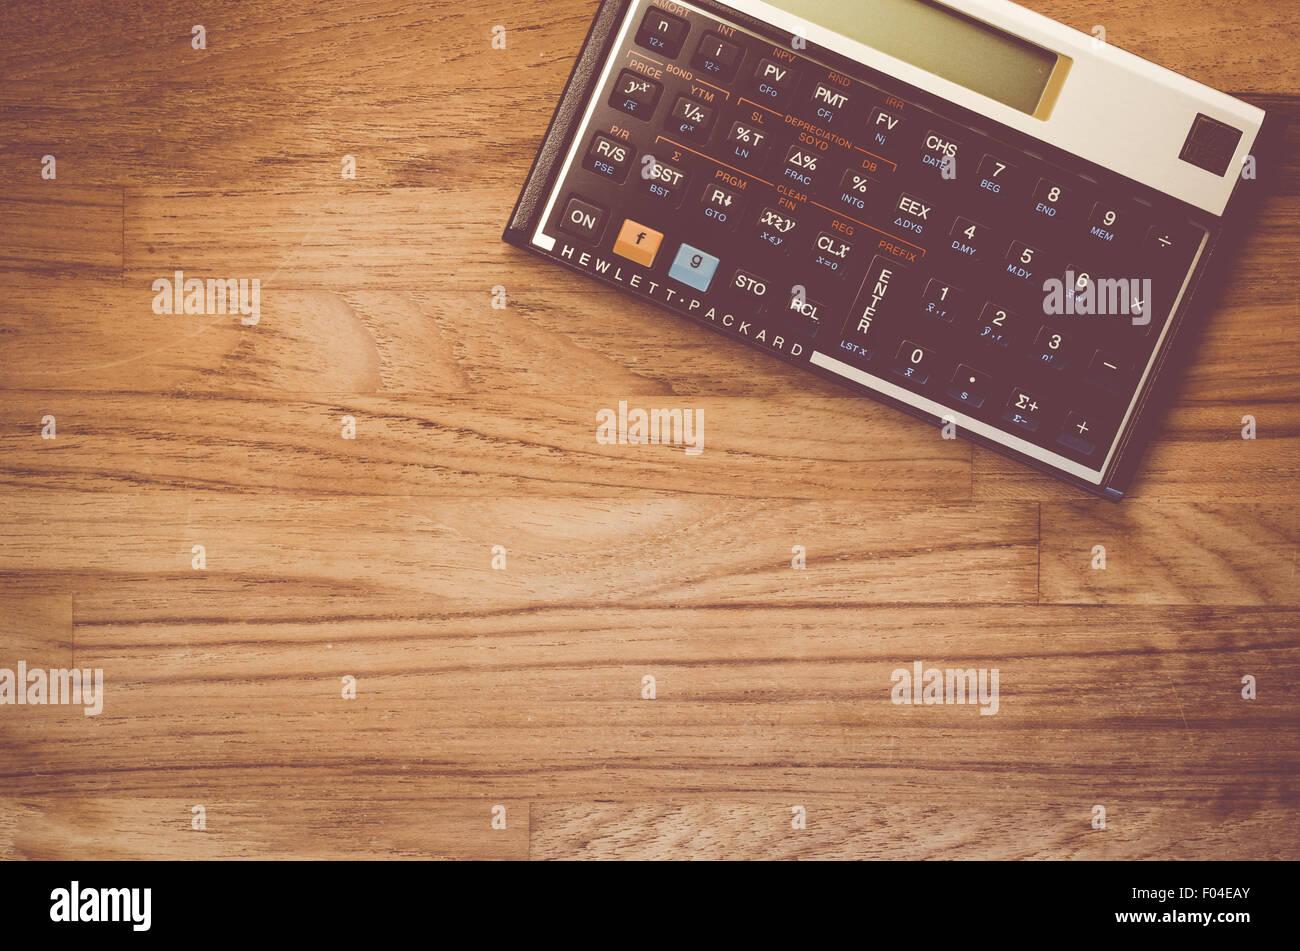 HP12C HewletPackard rpn financial calculator on a natural wood